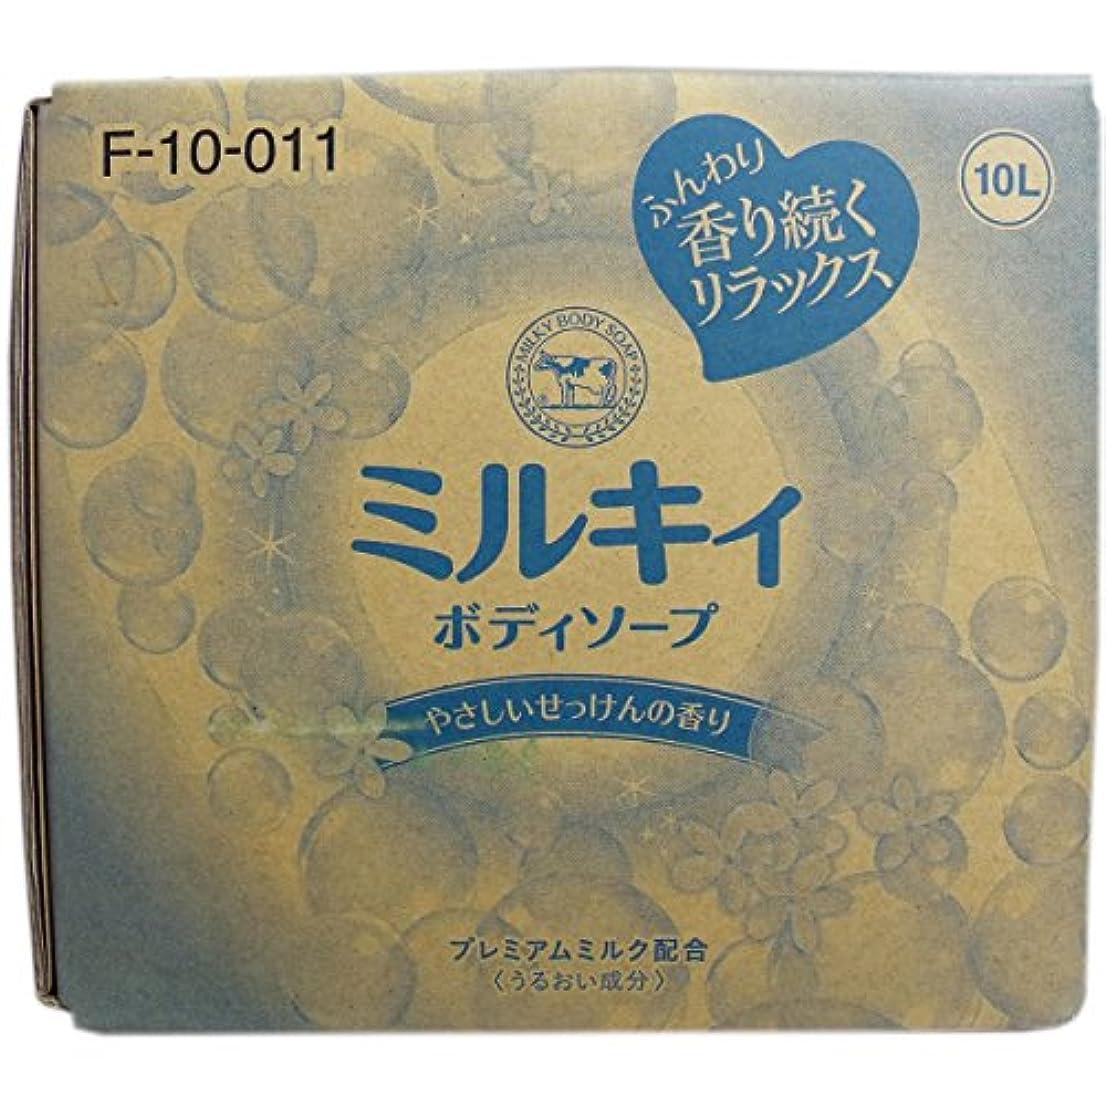 業務用ボディーソープ【牛乳石鹸 ミルキィボディソープ やさしいせっけんの香り 10L】